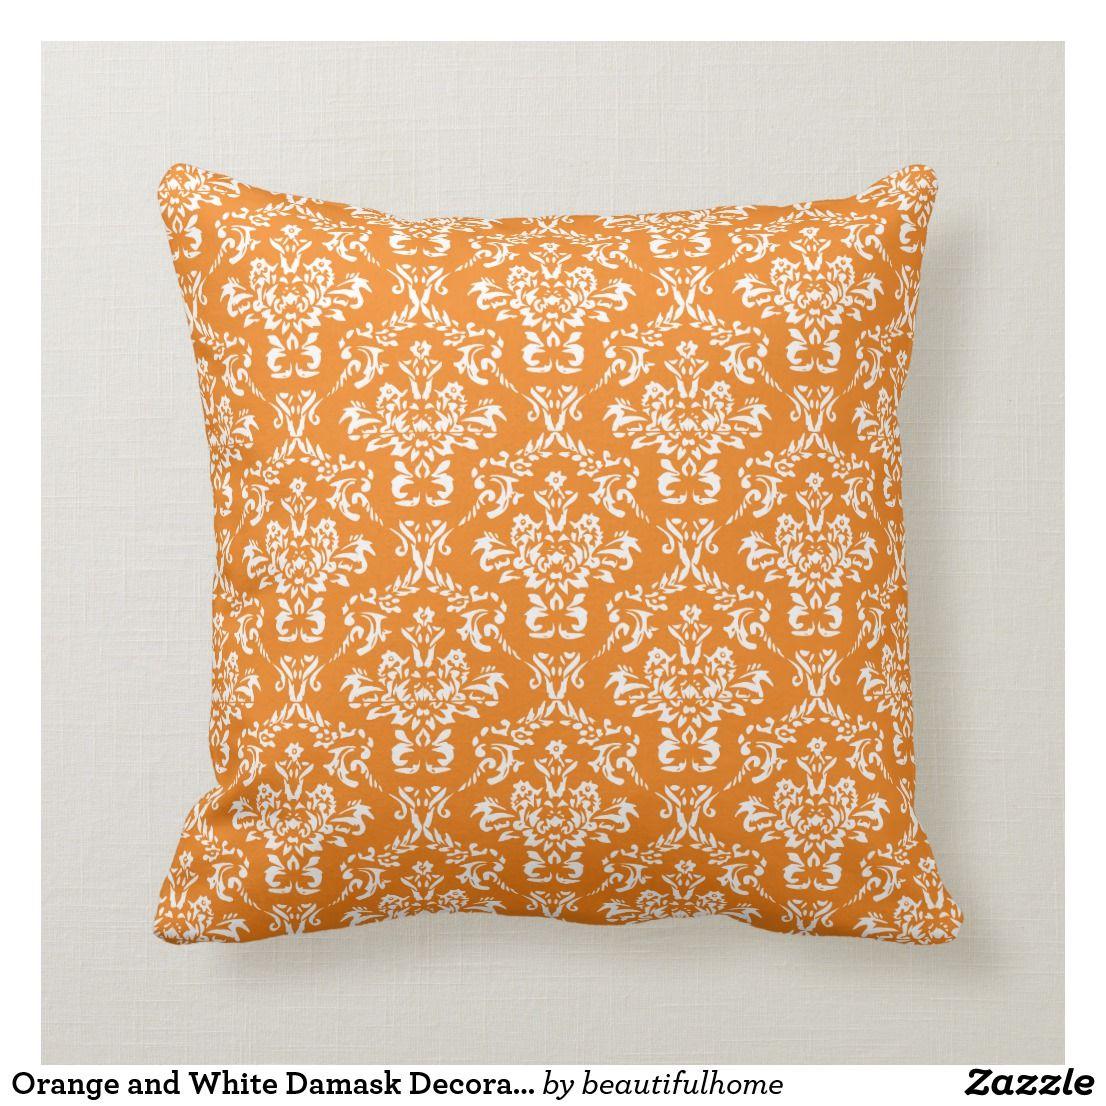 Bright Orange And White Damask Pattern Cotton Sofa Throw Pillow Zazzle Com Throw Pillows Sofa Throw Pillows Cotton Sofa Throws